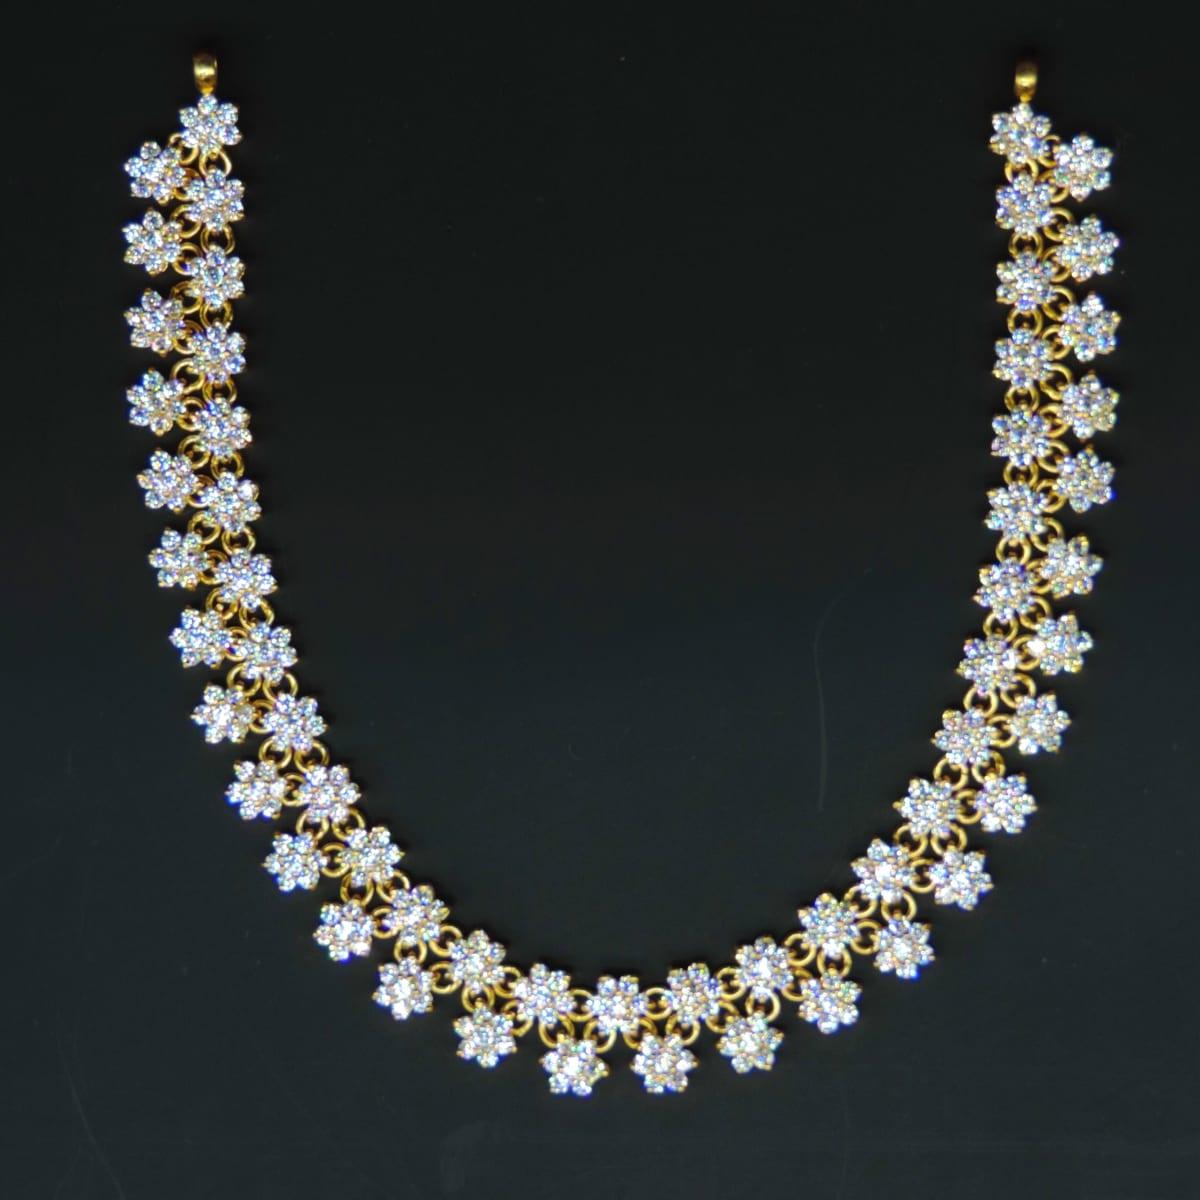 Swarovski Necklace For Her